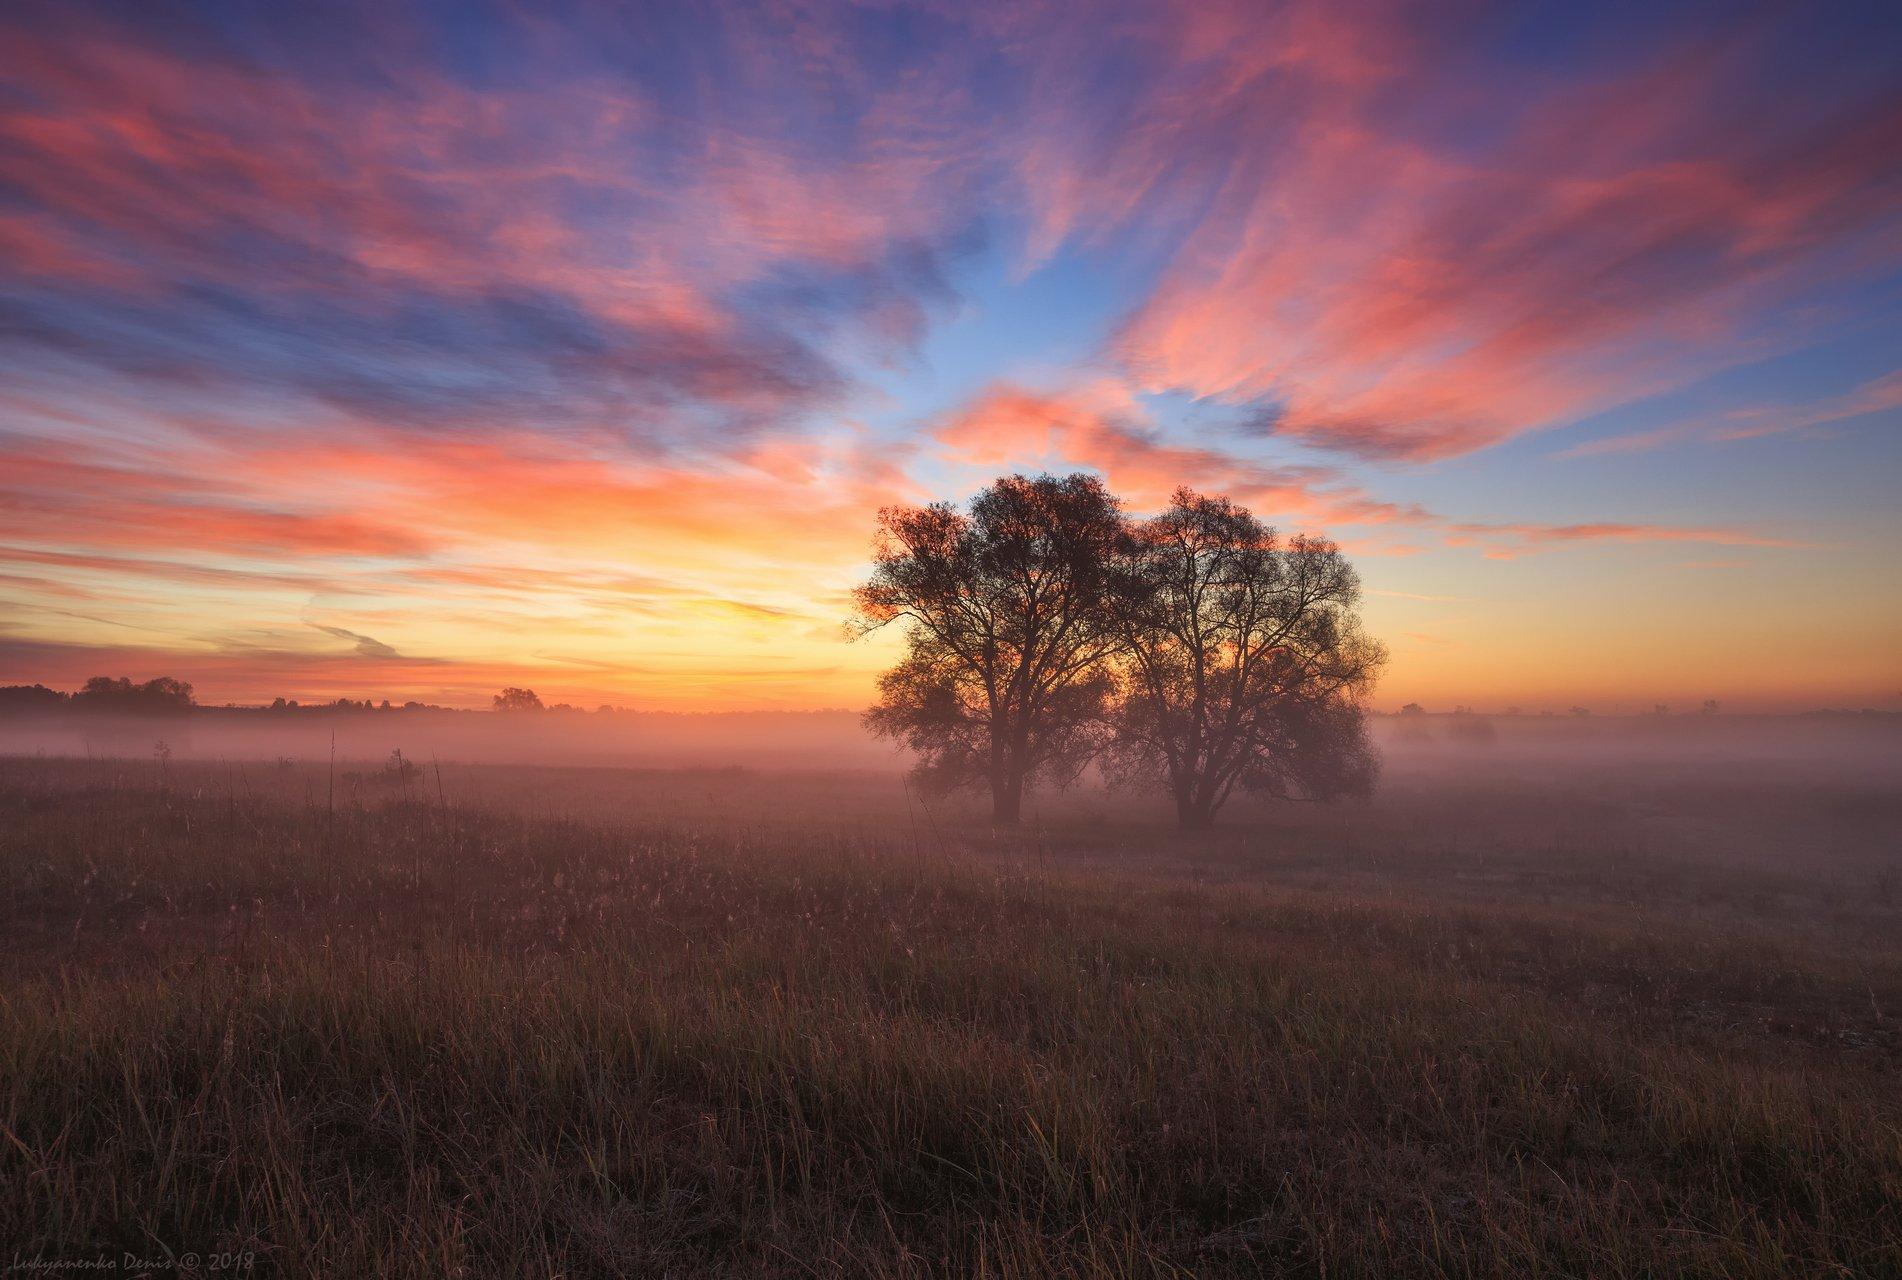 2018, россия, пейзаж, утро, рассвет, туман, облака, деревья, небо, краски, трава, Лукьяненко Денис